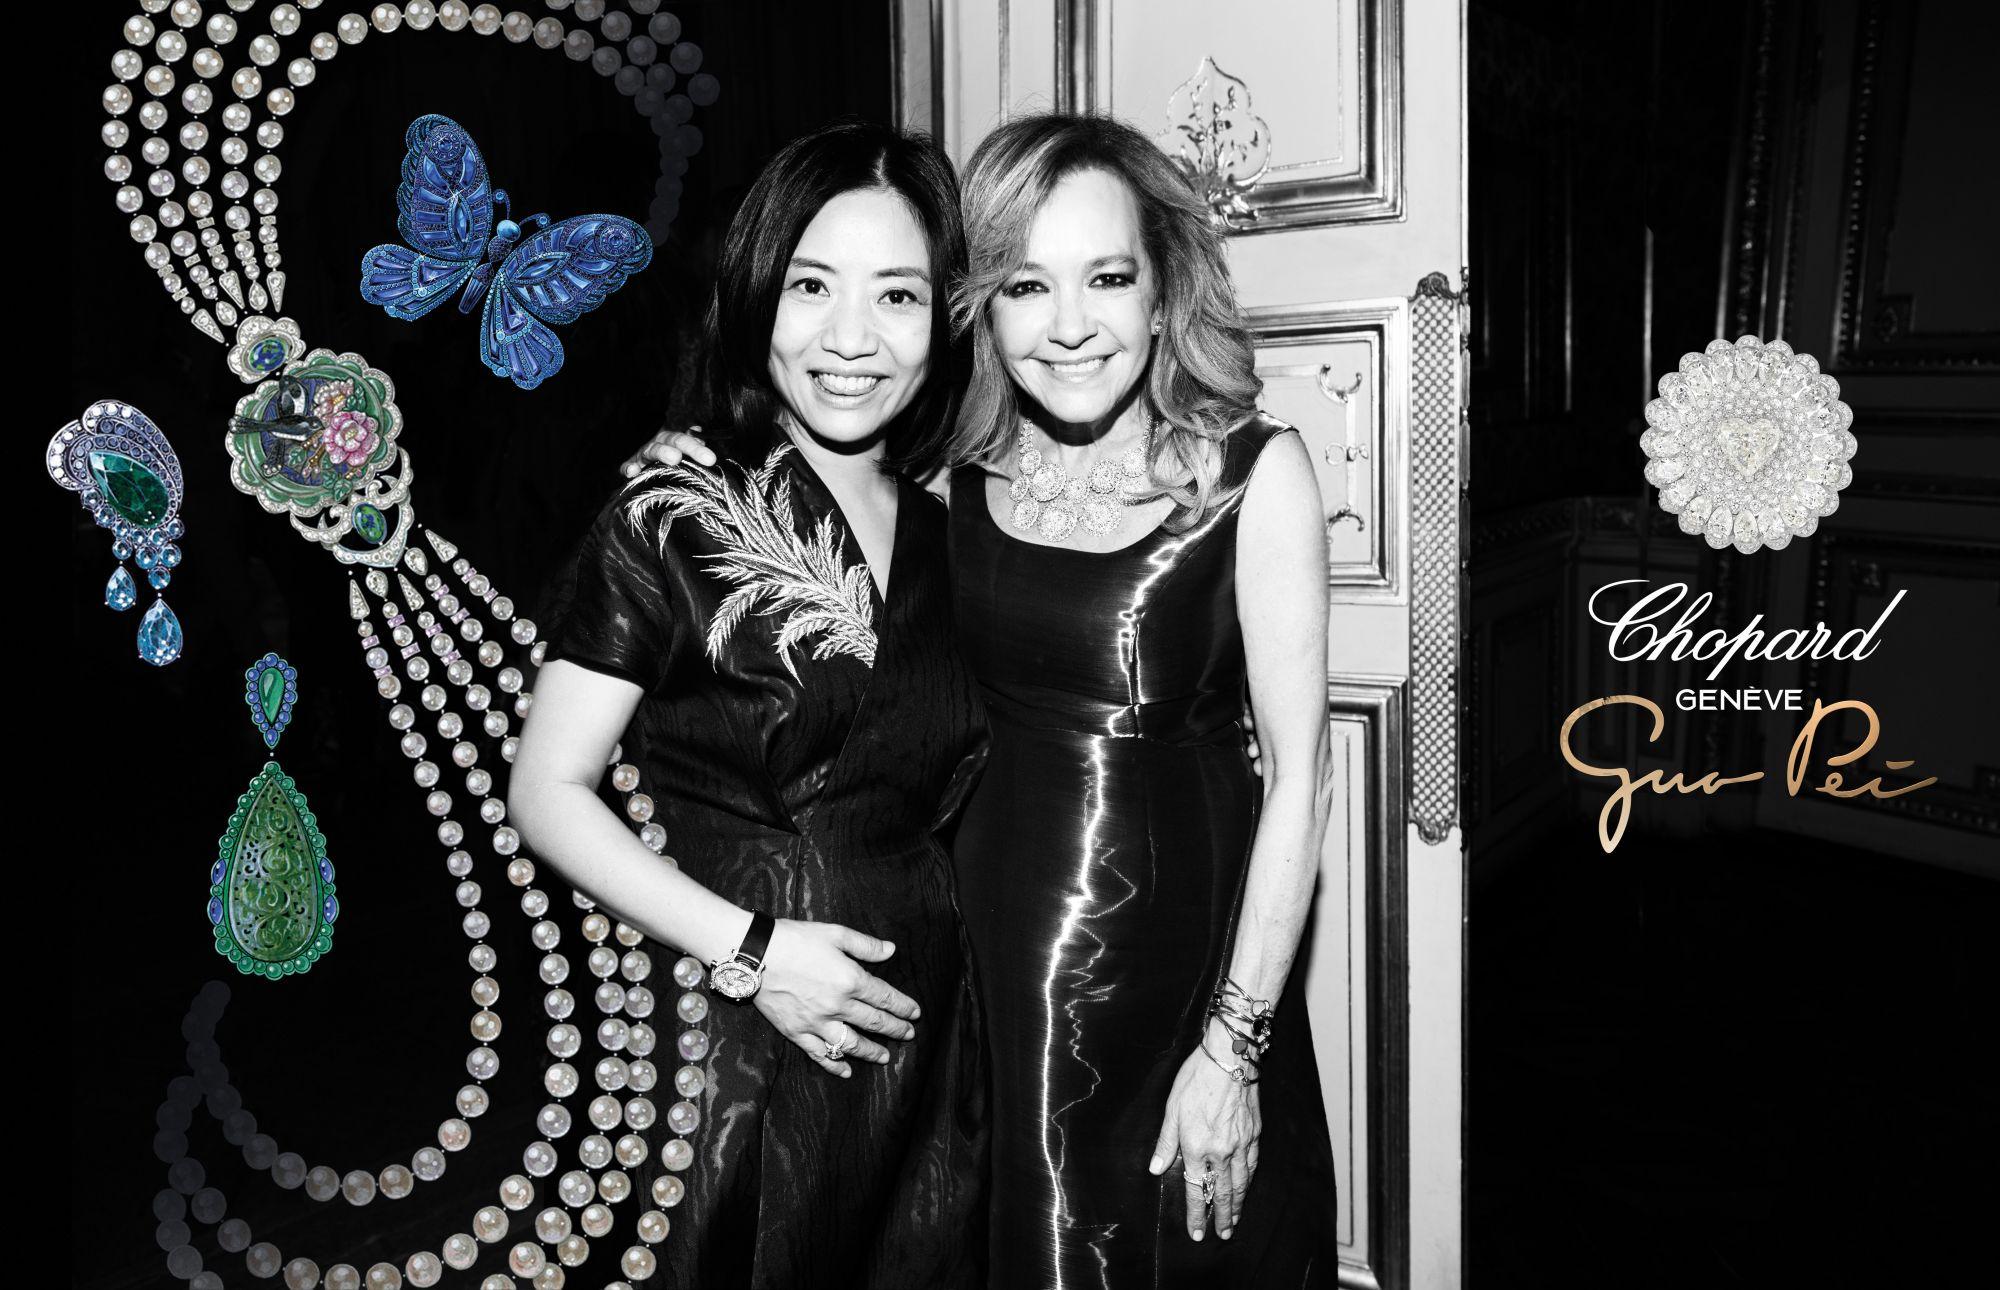 CrazyRouge Presents: Chopard & Guo Pei Paris Haute Couture